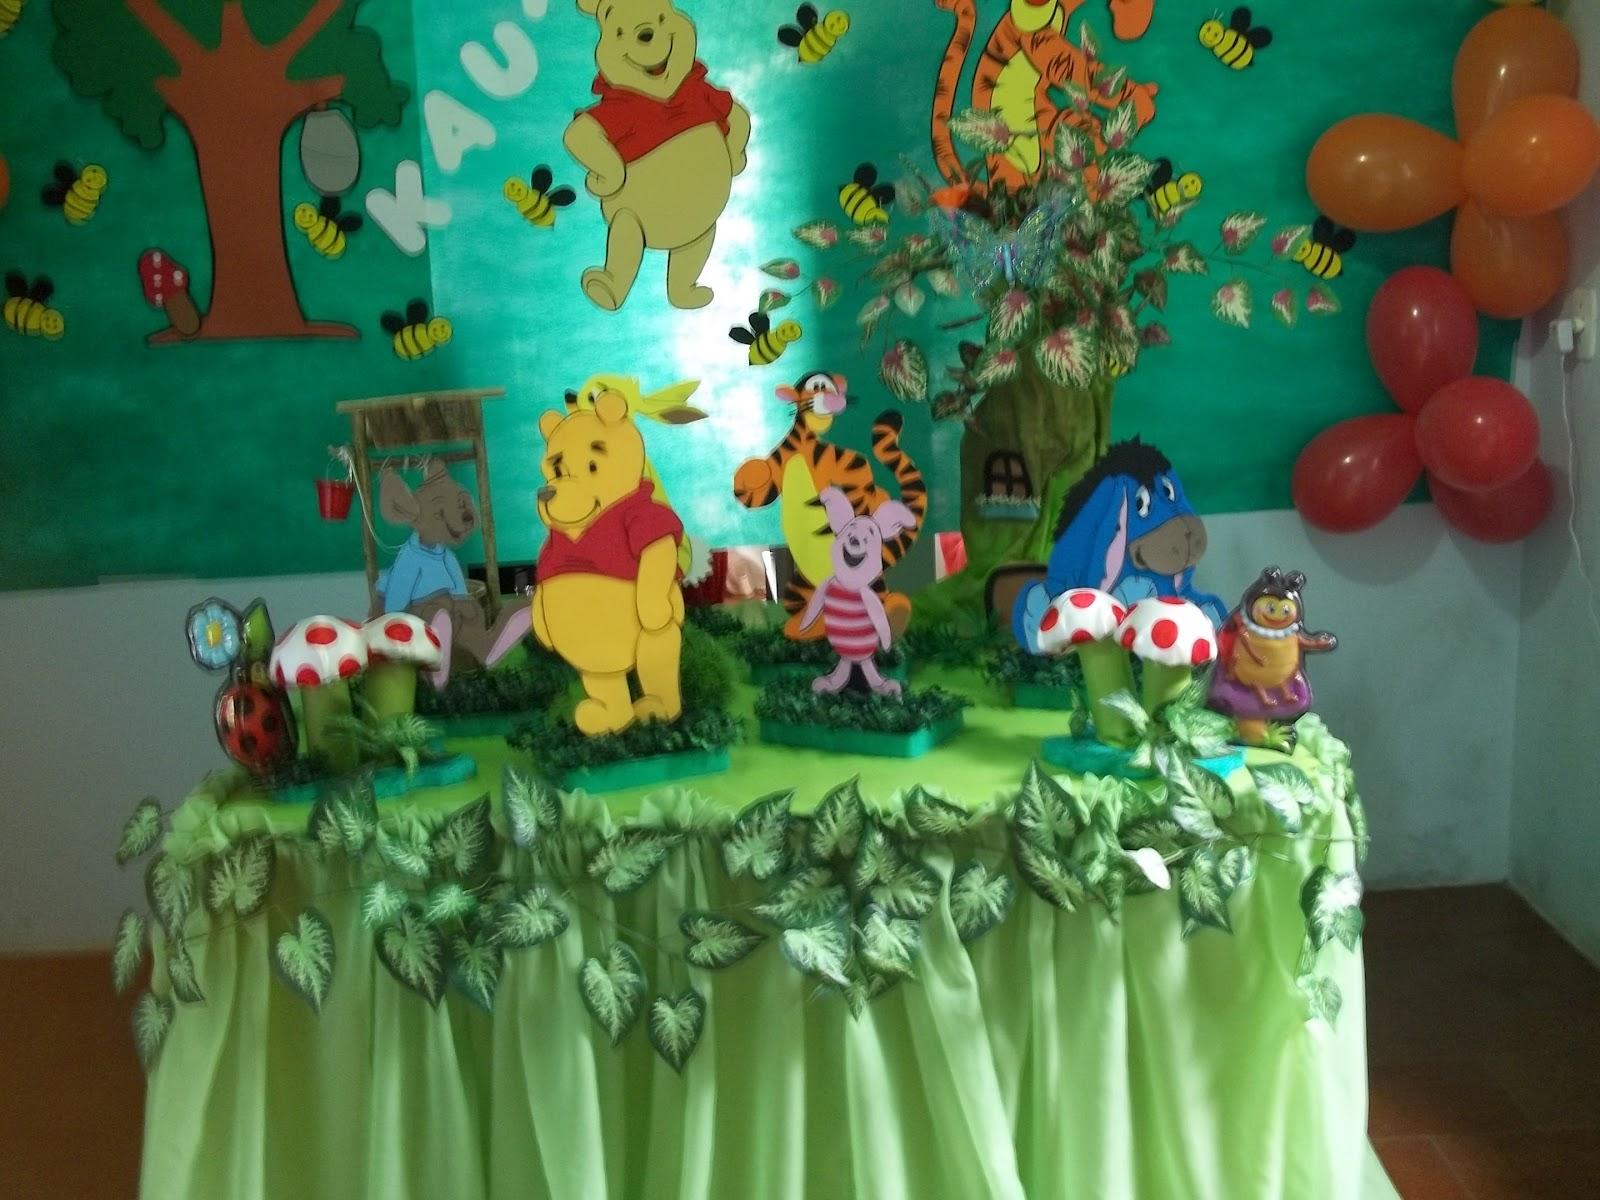 Brincando com Festas  Oficina de Decoração de Festas